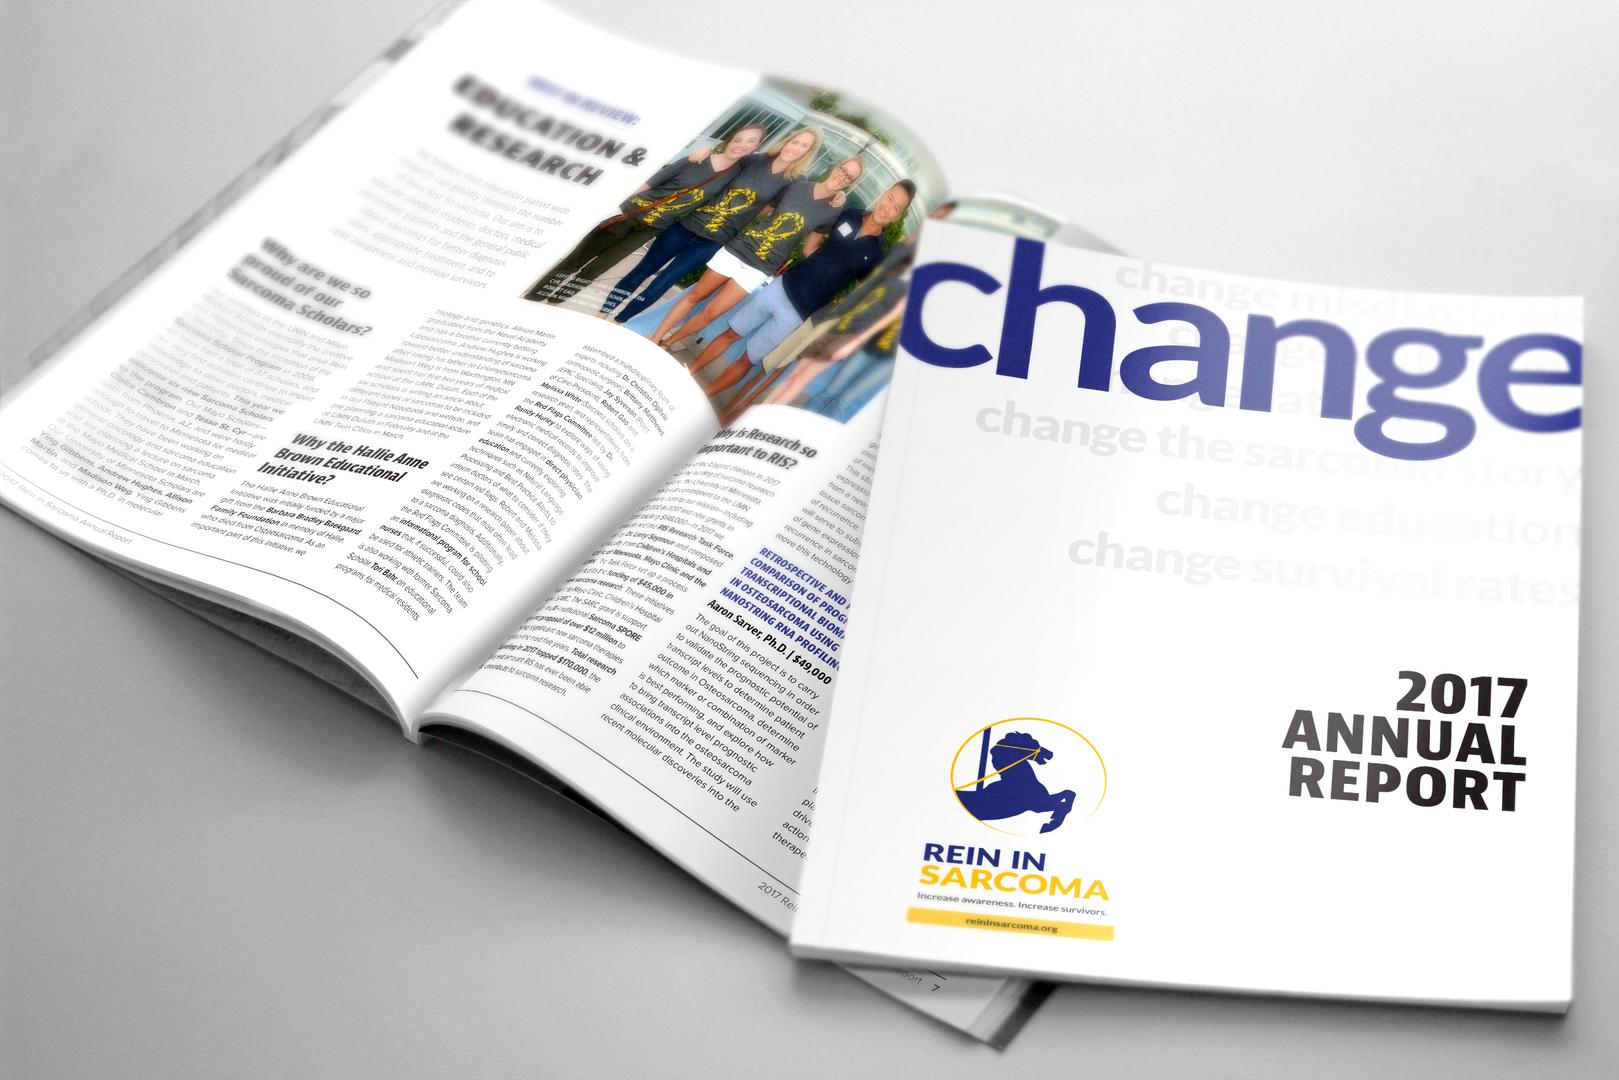 2017 Rein in Sarcoma Annual Report